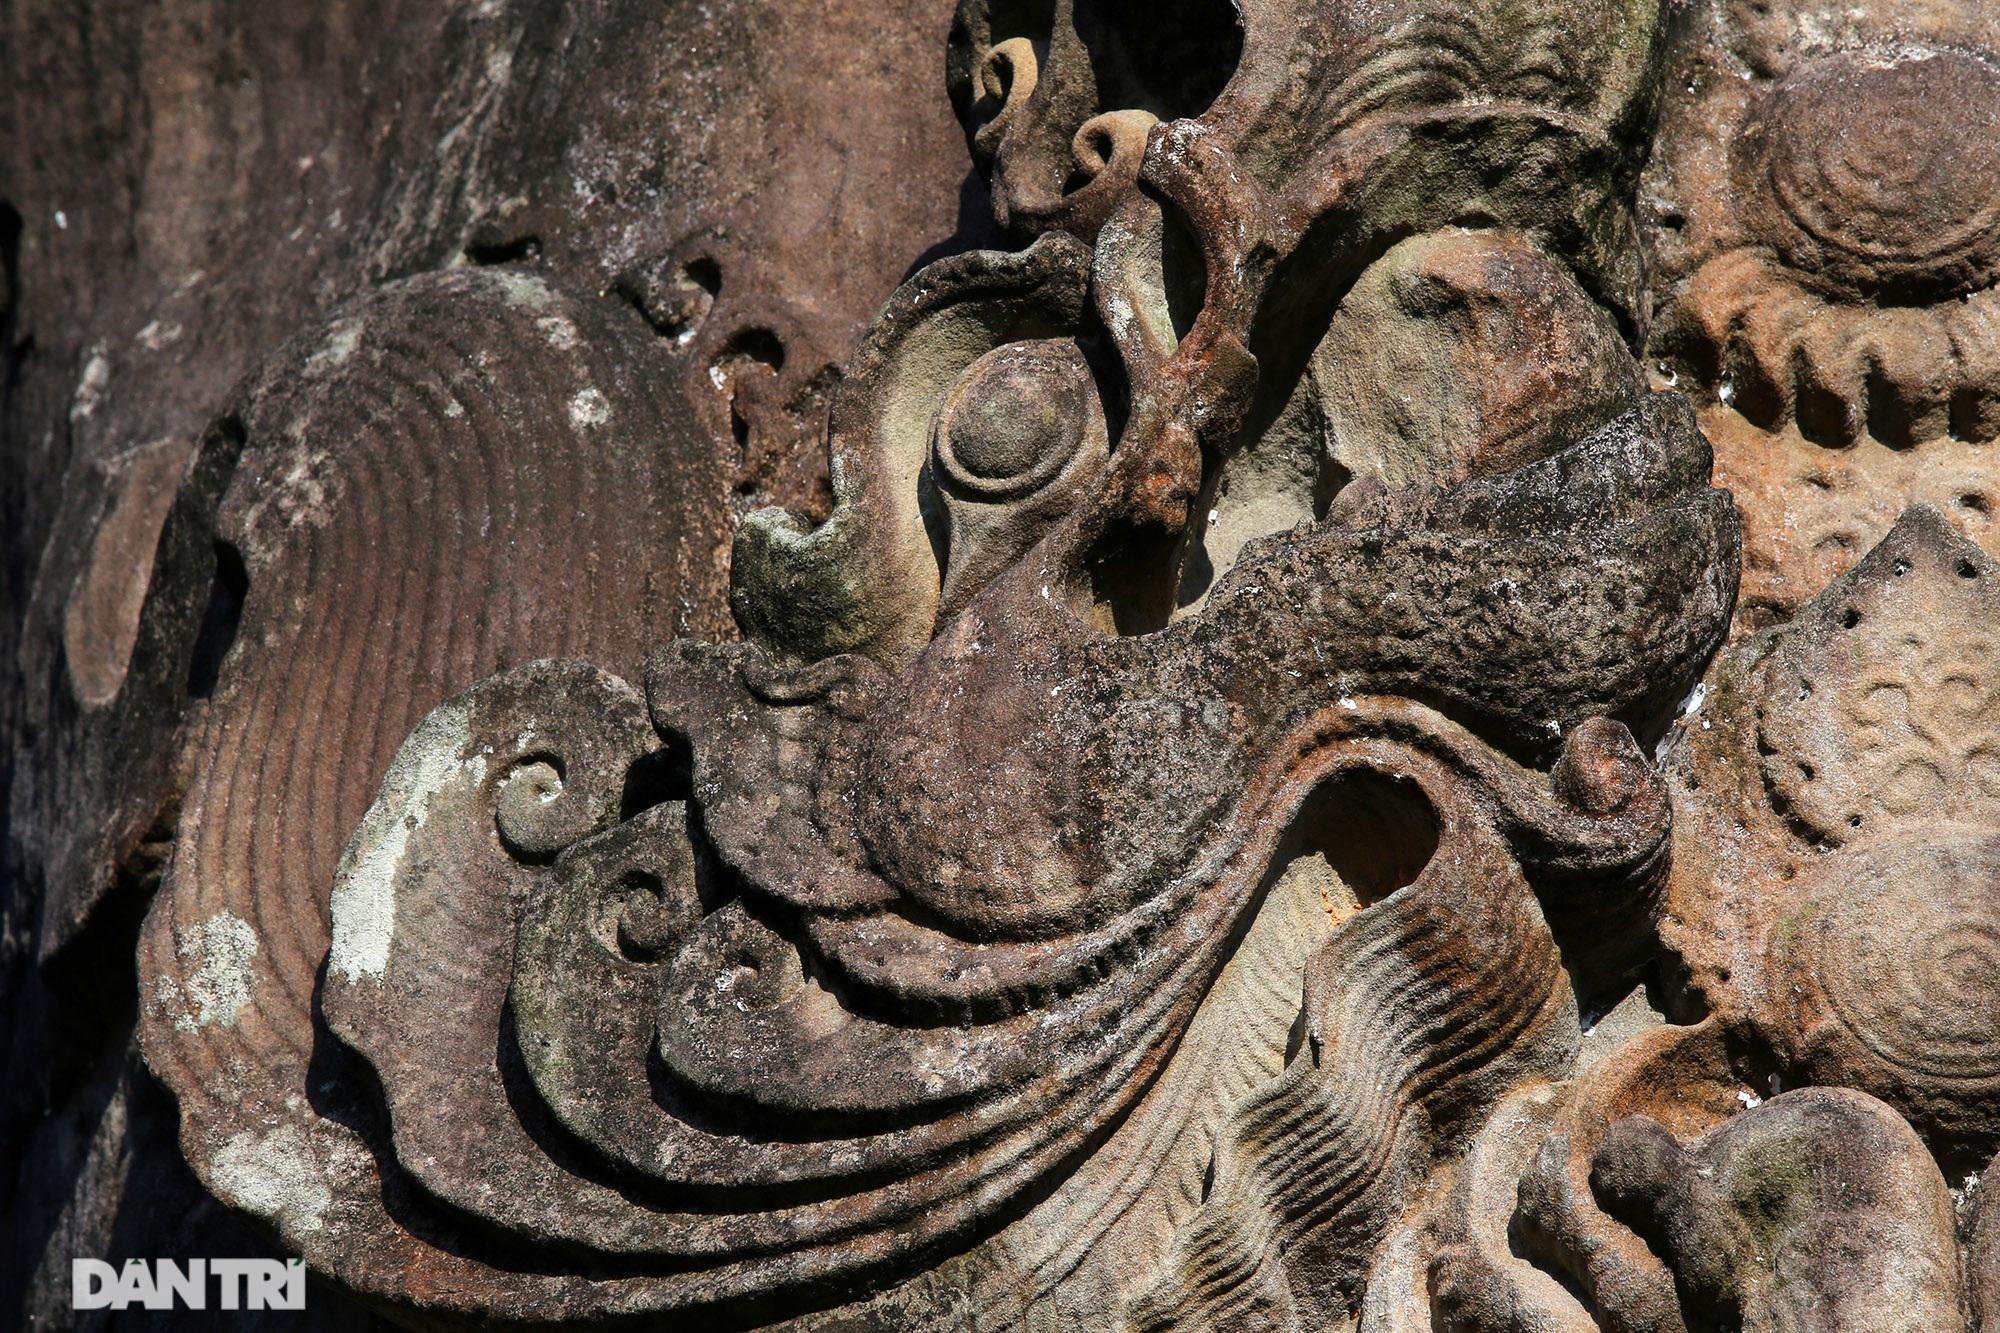 Bí ẩn cột đá nghìn năm tuổi bên sườn núi Đại Lãm, Bắc Ninh - 6